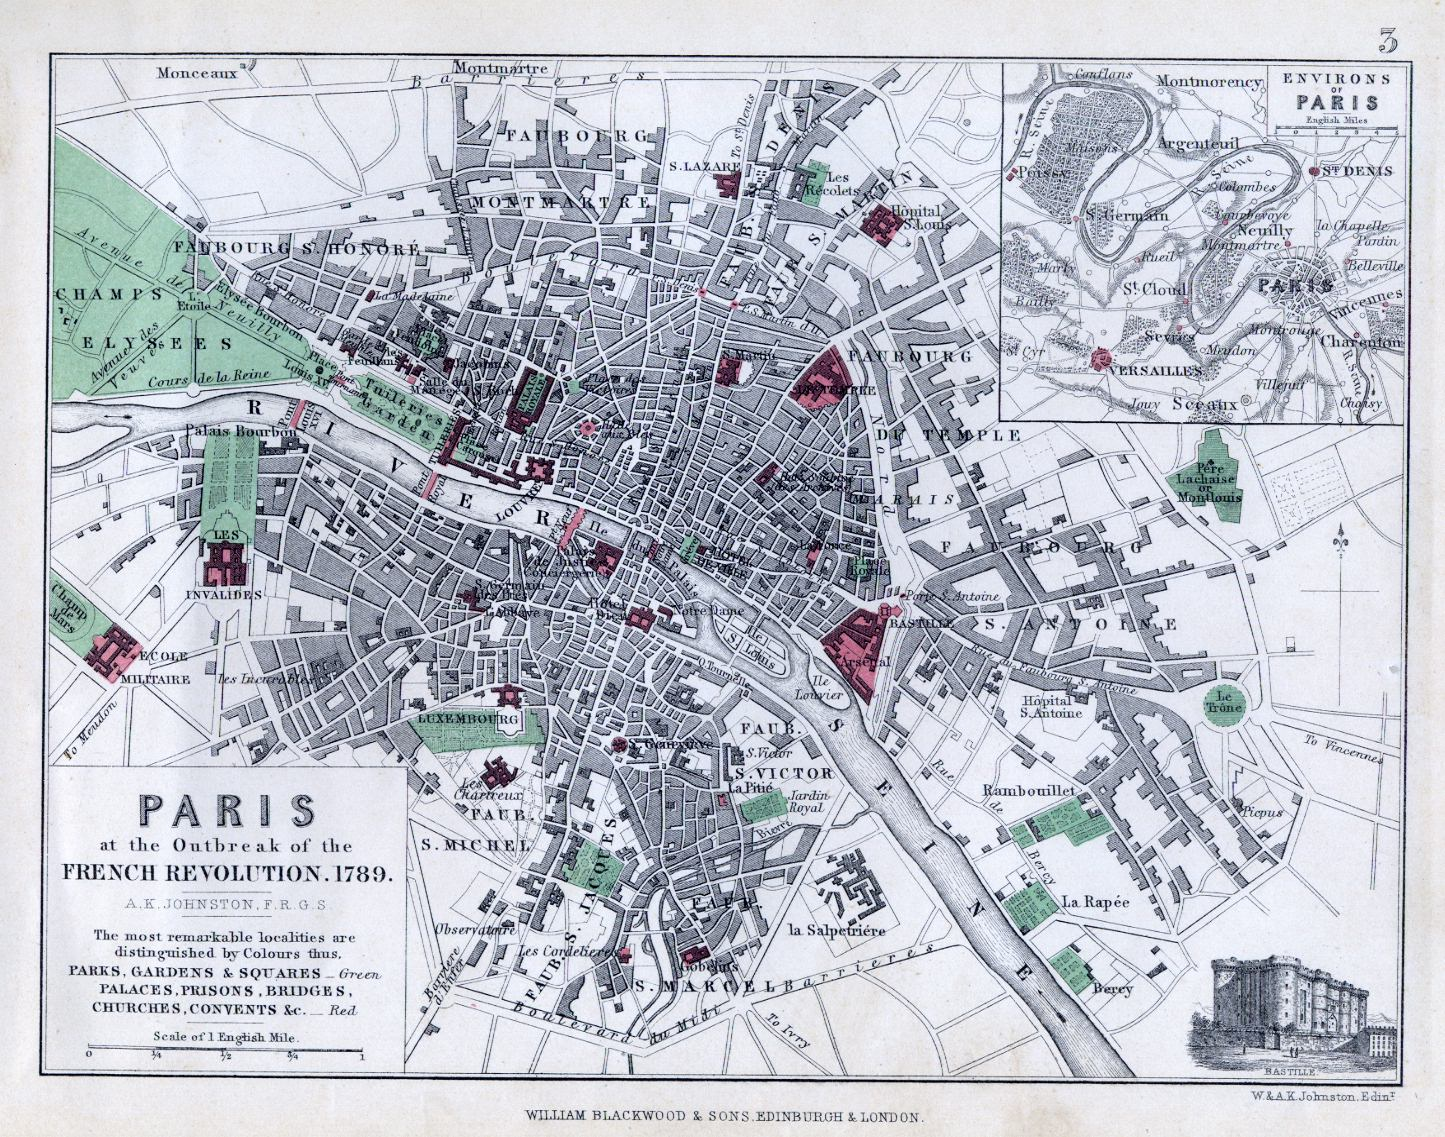 Карта Парижа в 1789 году. Важные локации выделены красным цветом. Бастилия - там, где самый большой многоугольник справа.